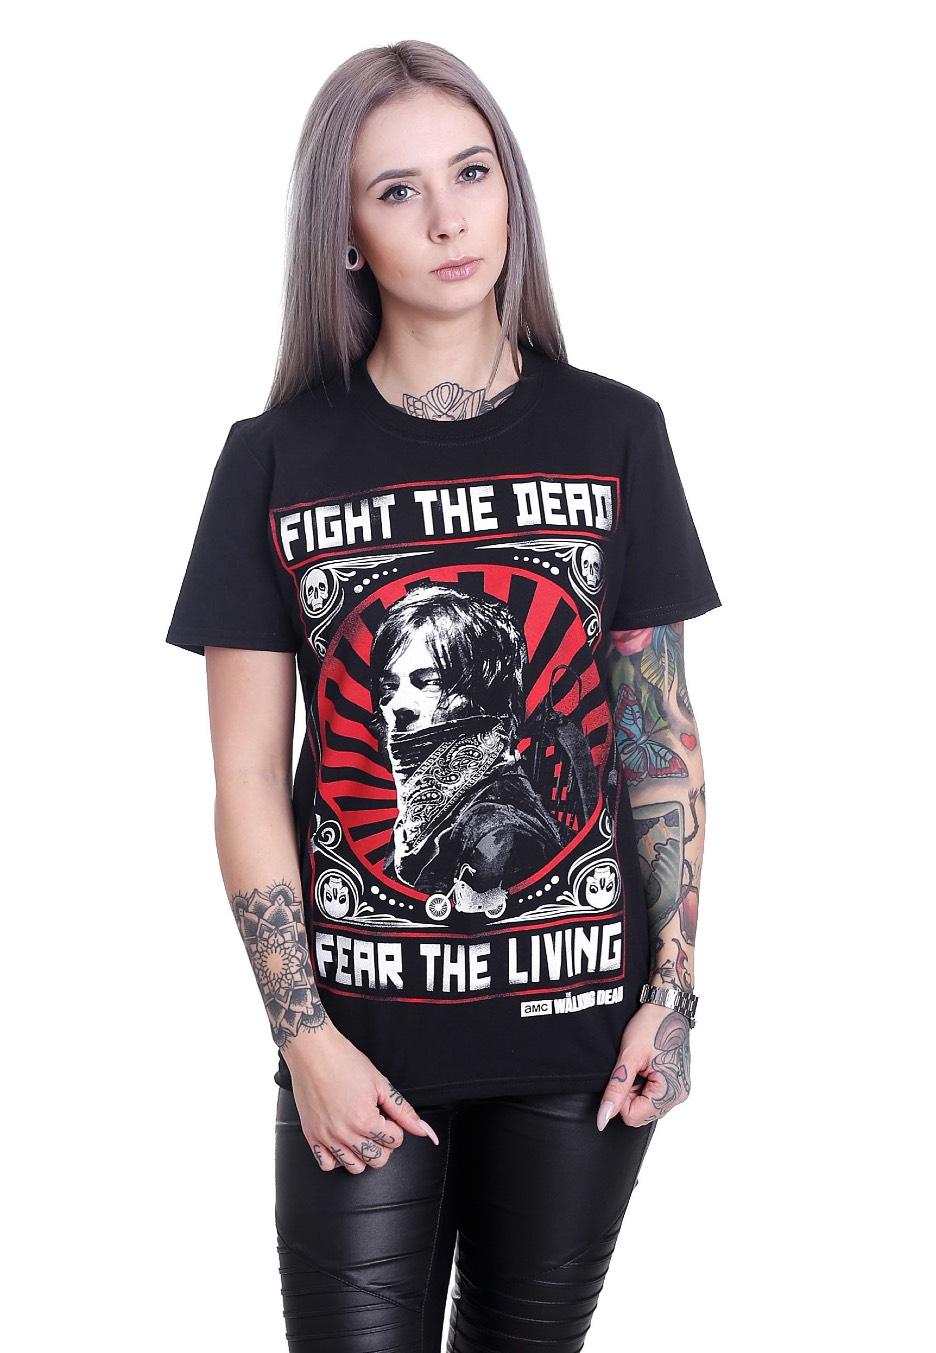 The Walking Dead Fight the Dead T Shirt